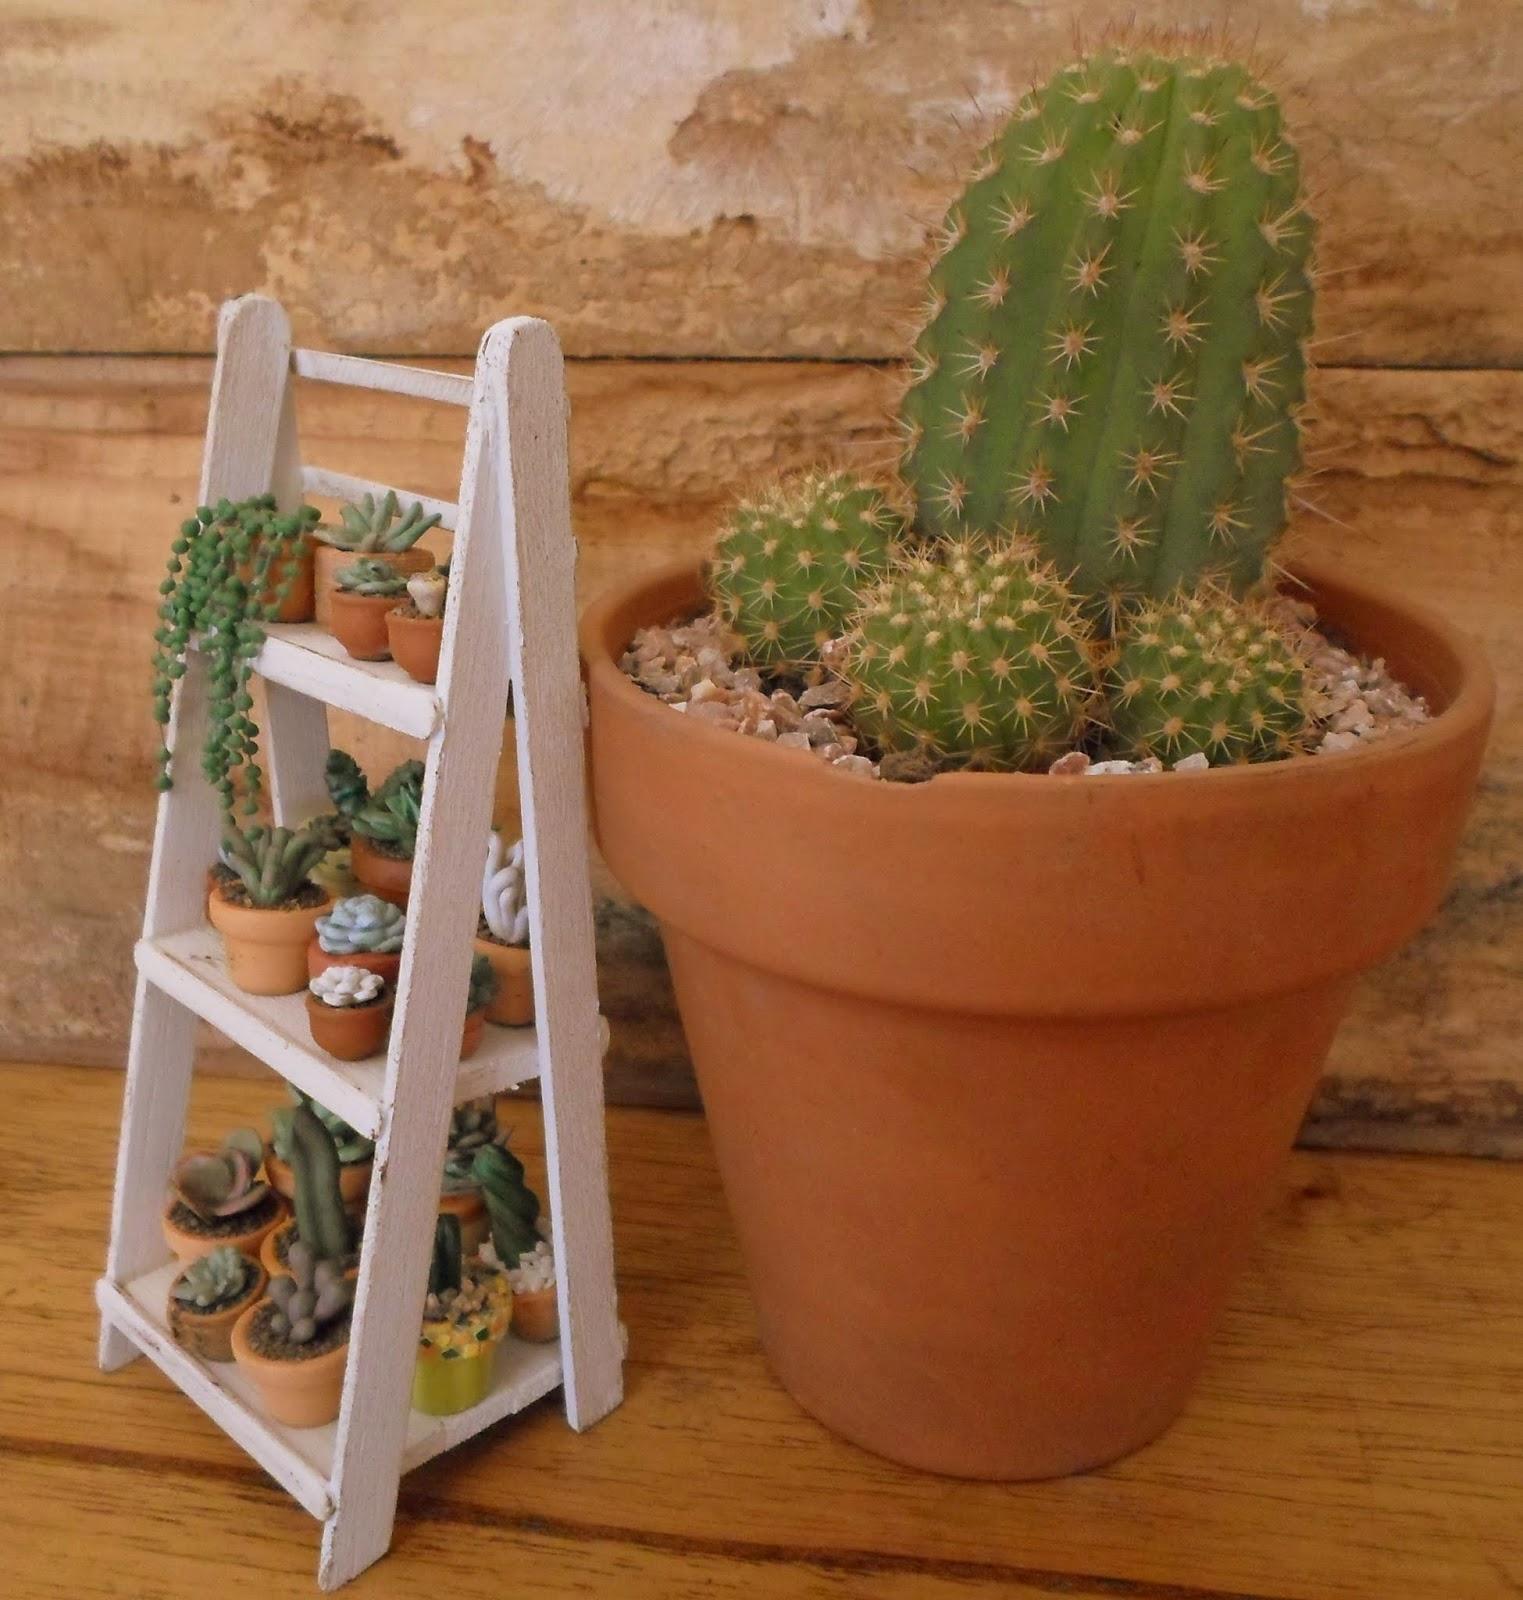 Las margaritas escalera estante de madera para mis for Mueble para plantas exterior